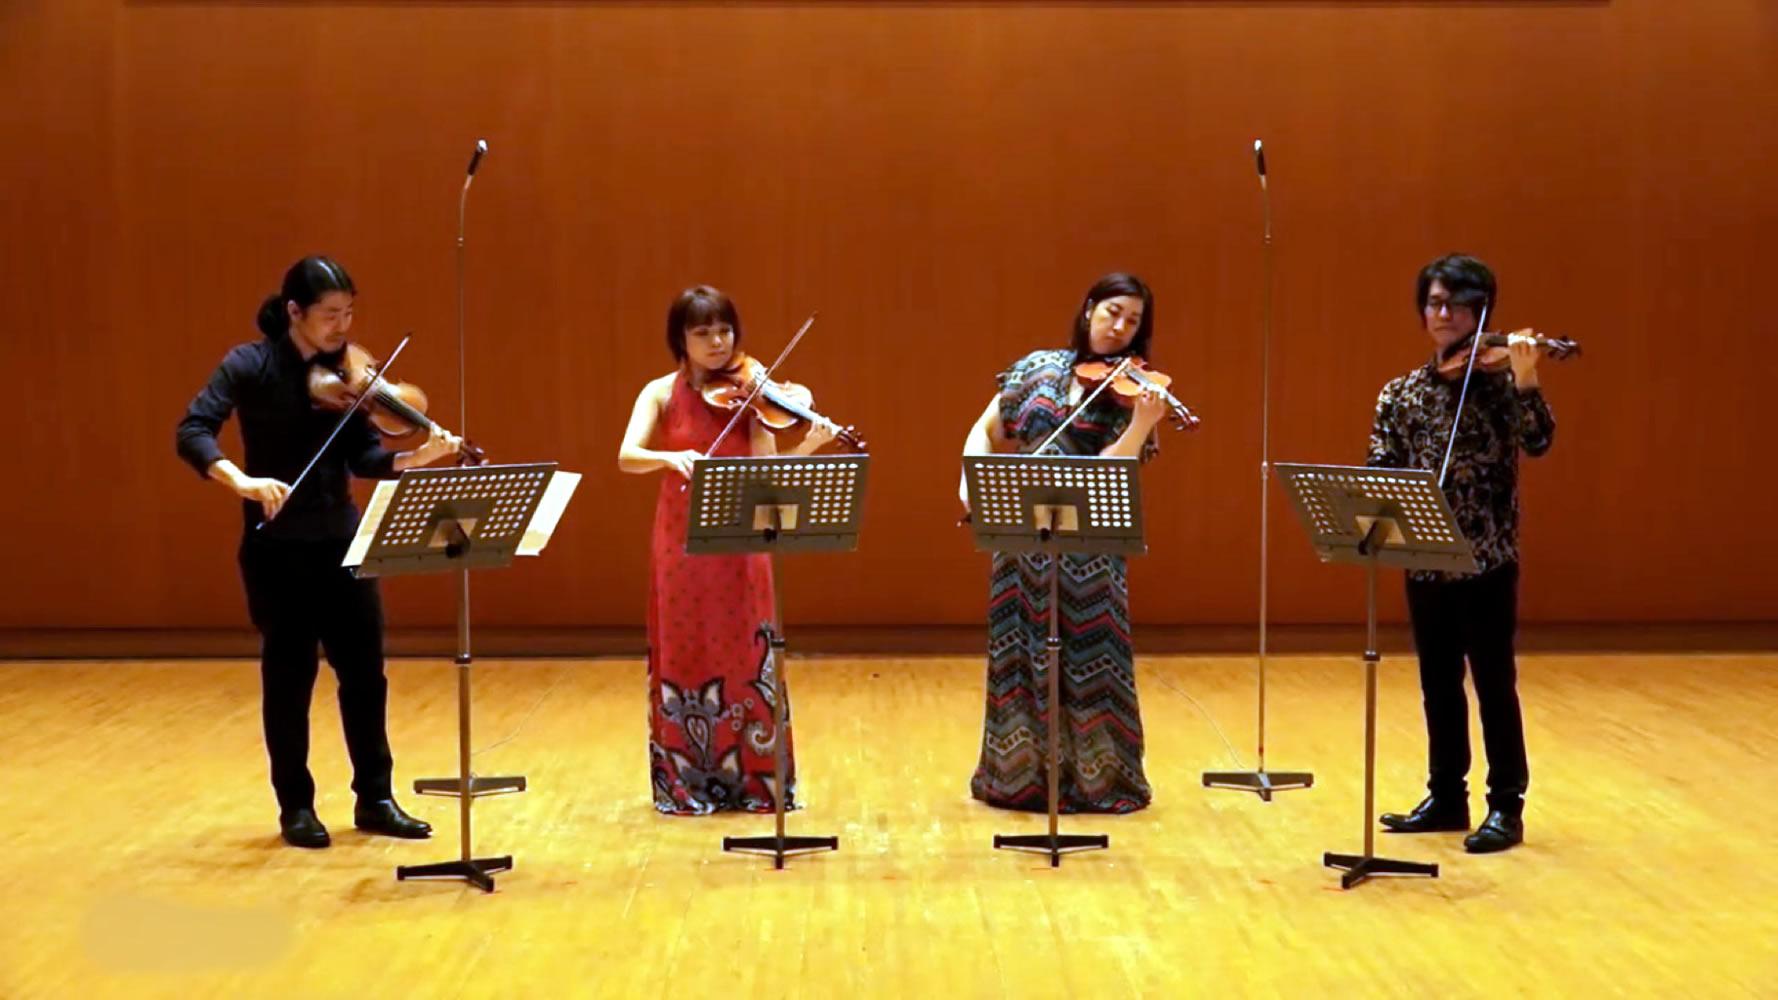 森川拓哉編曲楽譜出版記念 Violin Duo Concert